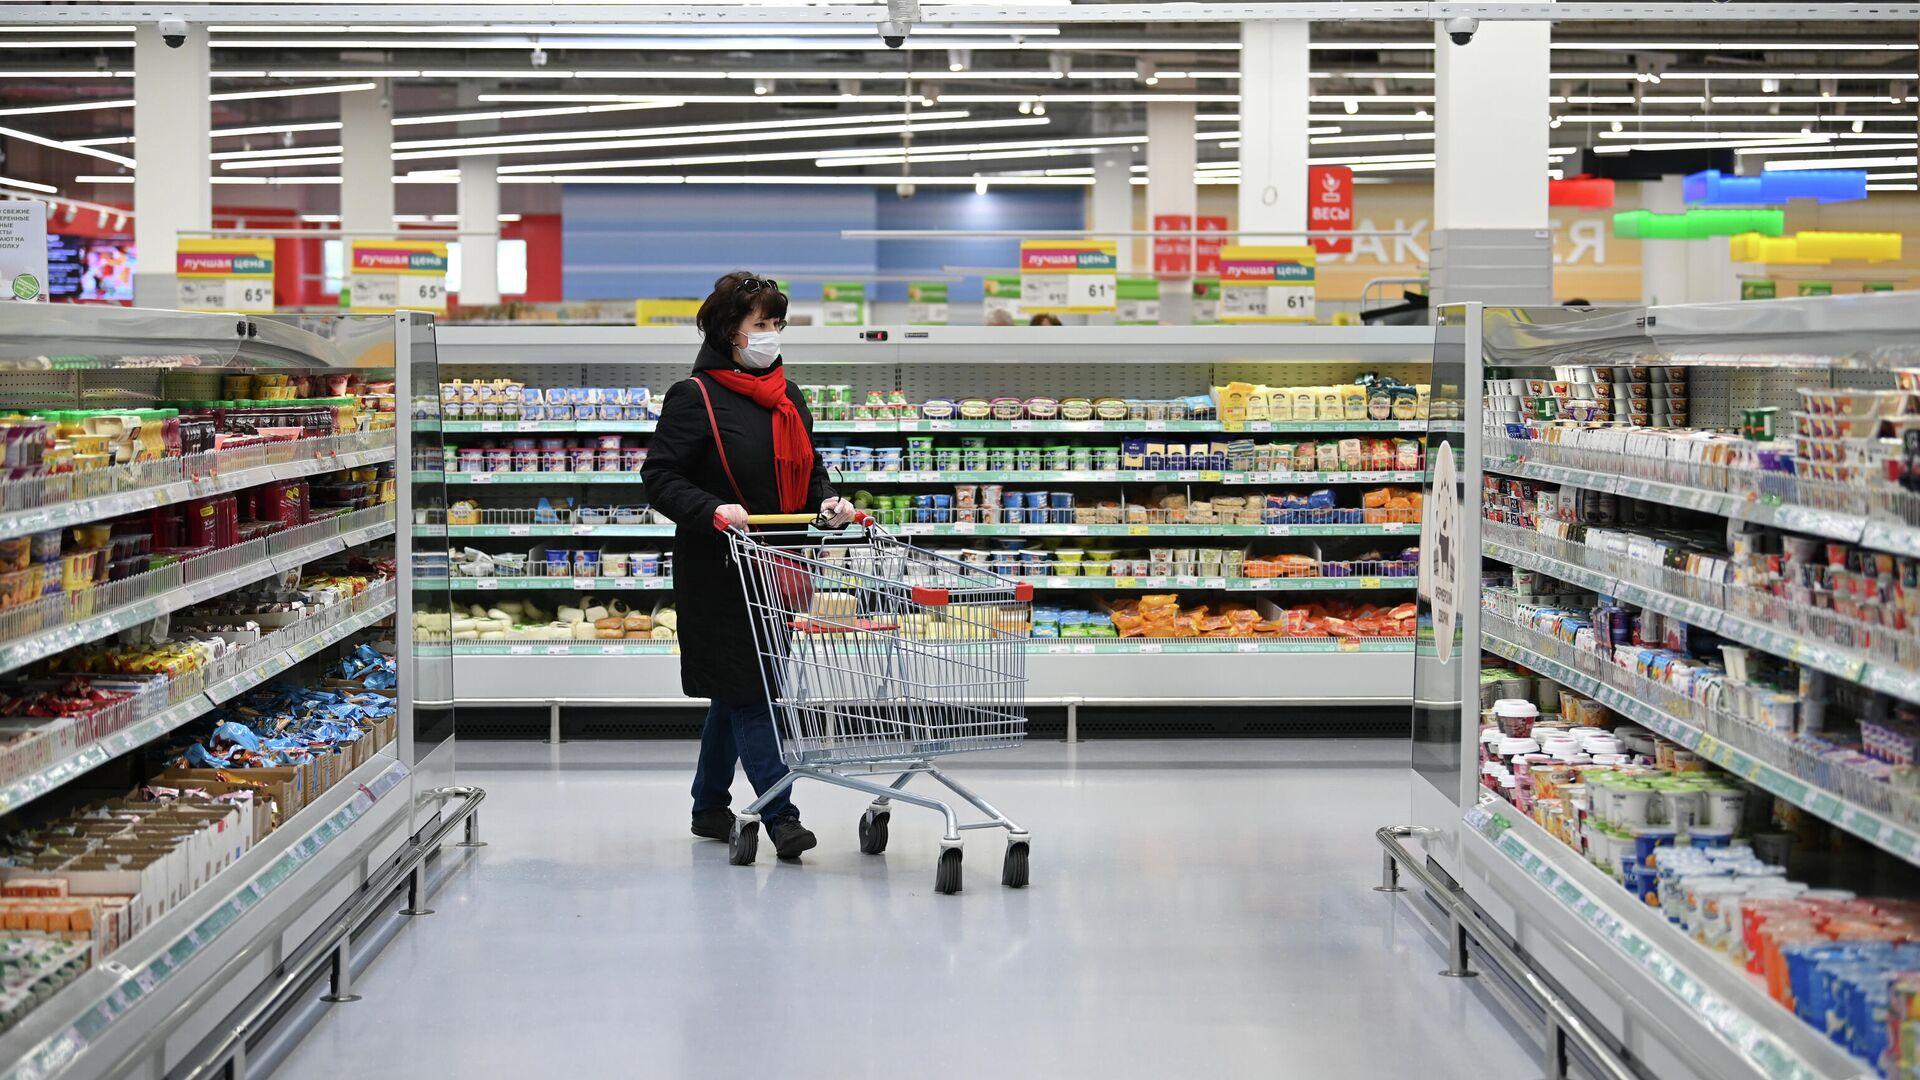 Женщина в защитной маске покупает продукты в гипермаркете - РИА Новости, 1920, 11.12.2020